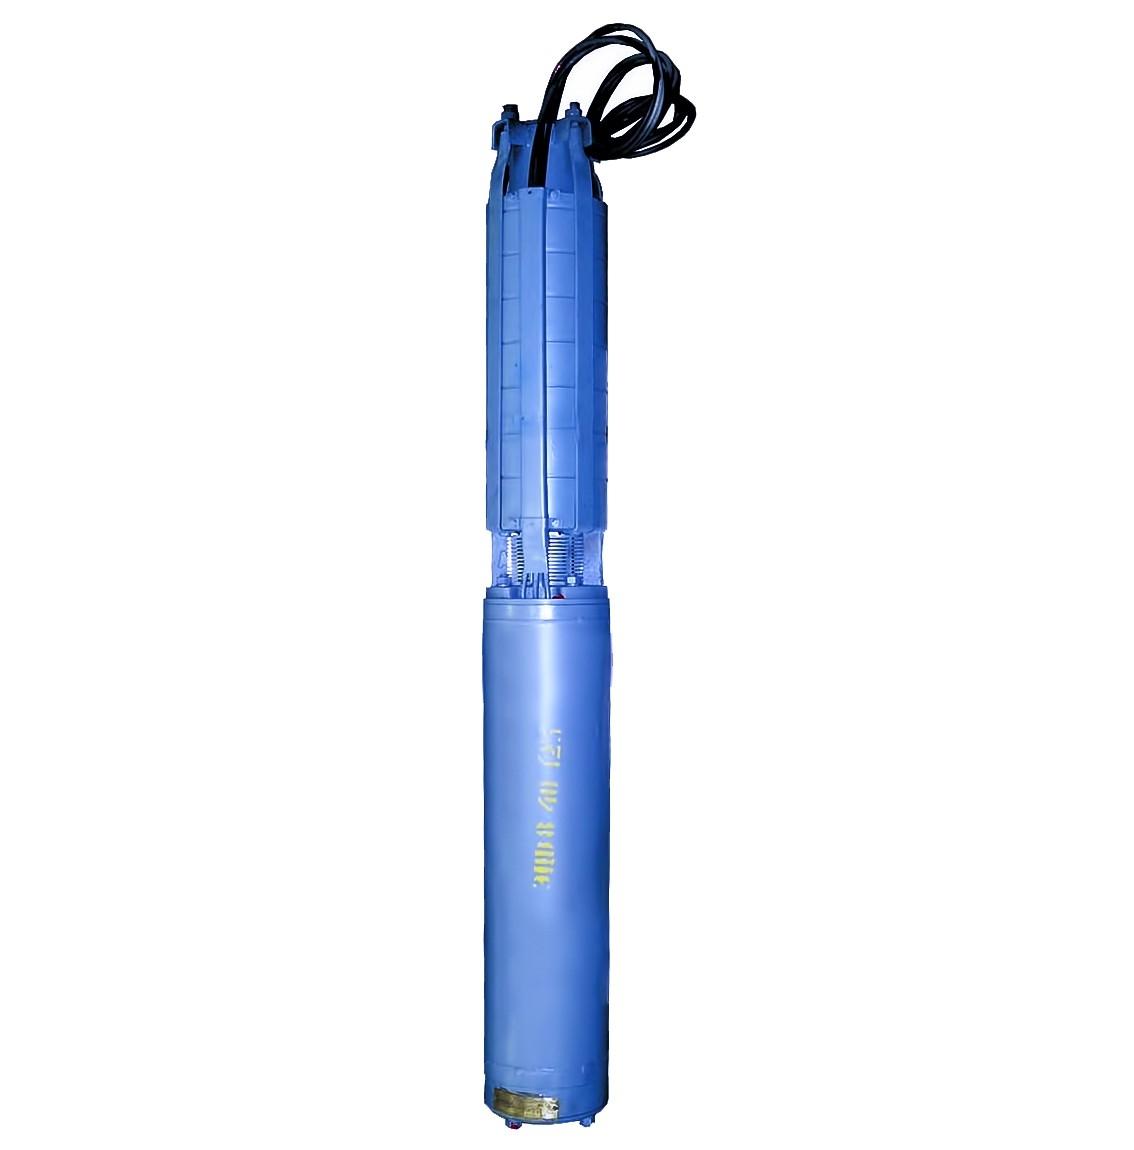 Погружной насос ЭЦВ 6-16-90 армлен